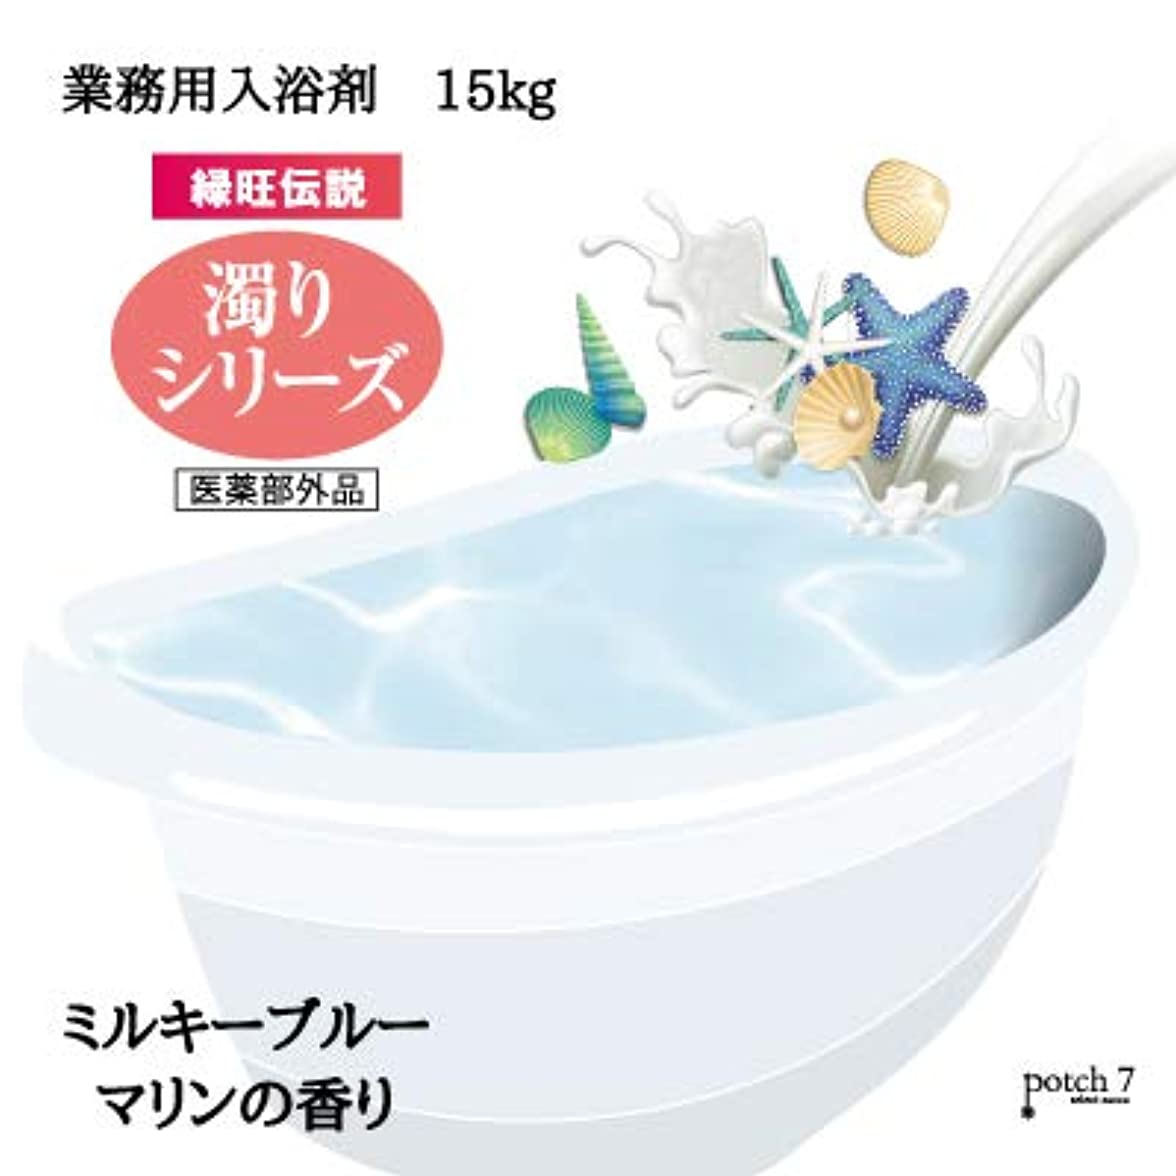 シートランプ乱闘業務用入浴剤 濁り入浴剤「ミルキーブルー」15Kg(7.5Kgx2袋入)GYR-B